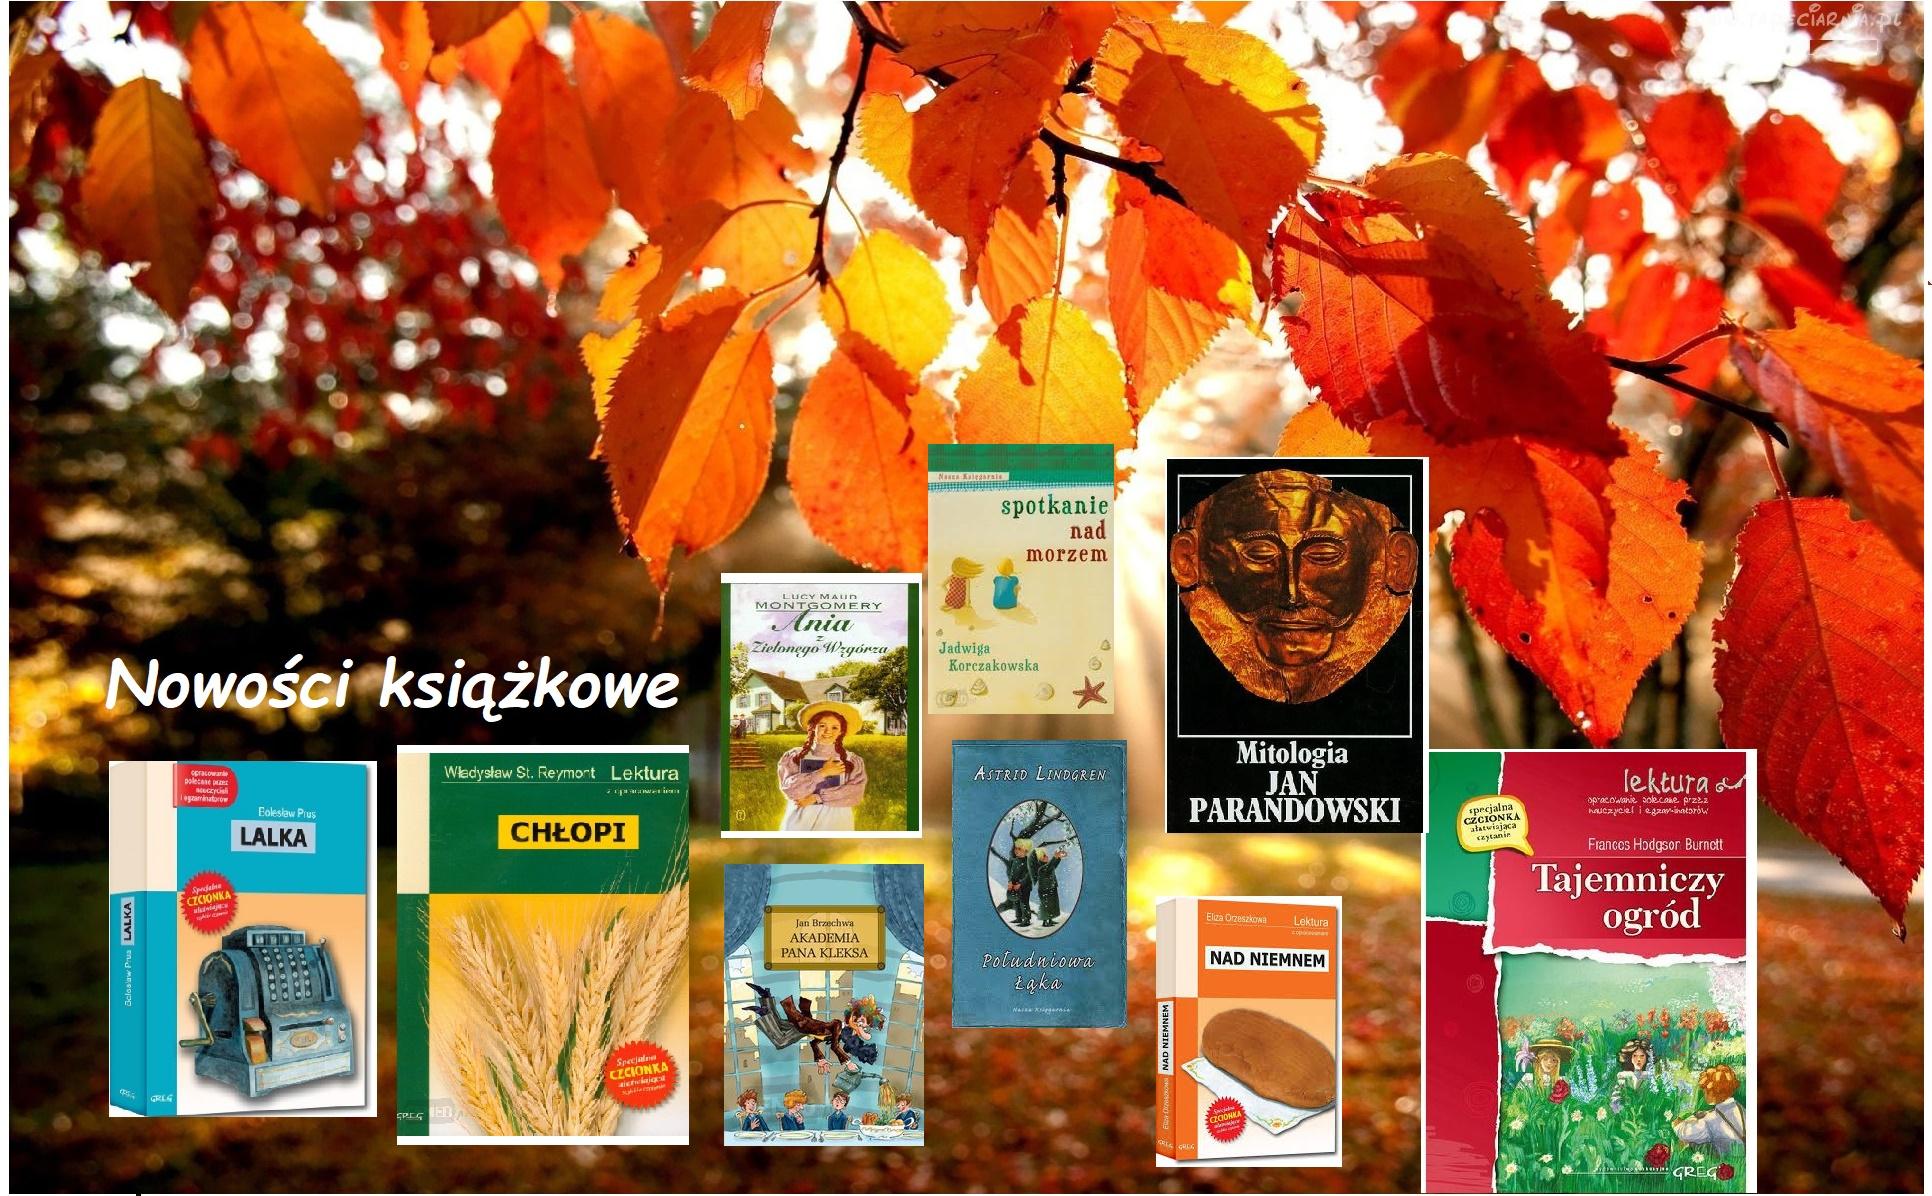 Listopadowe nowości książkowe!